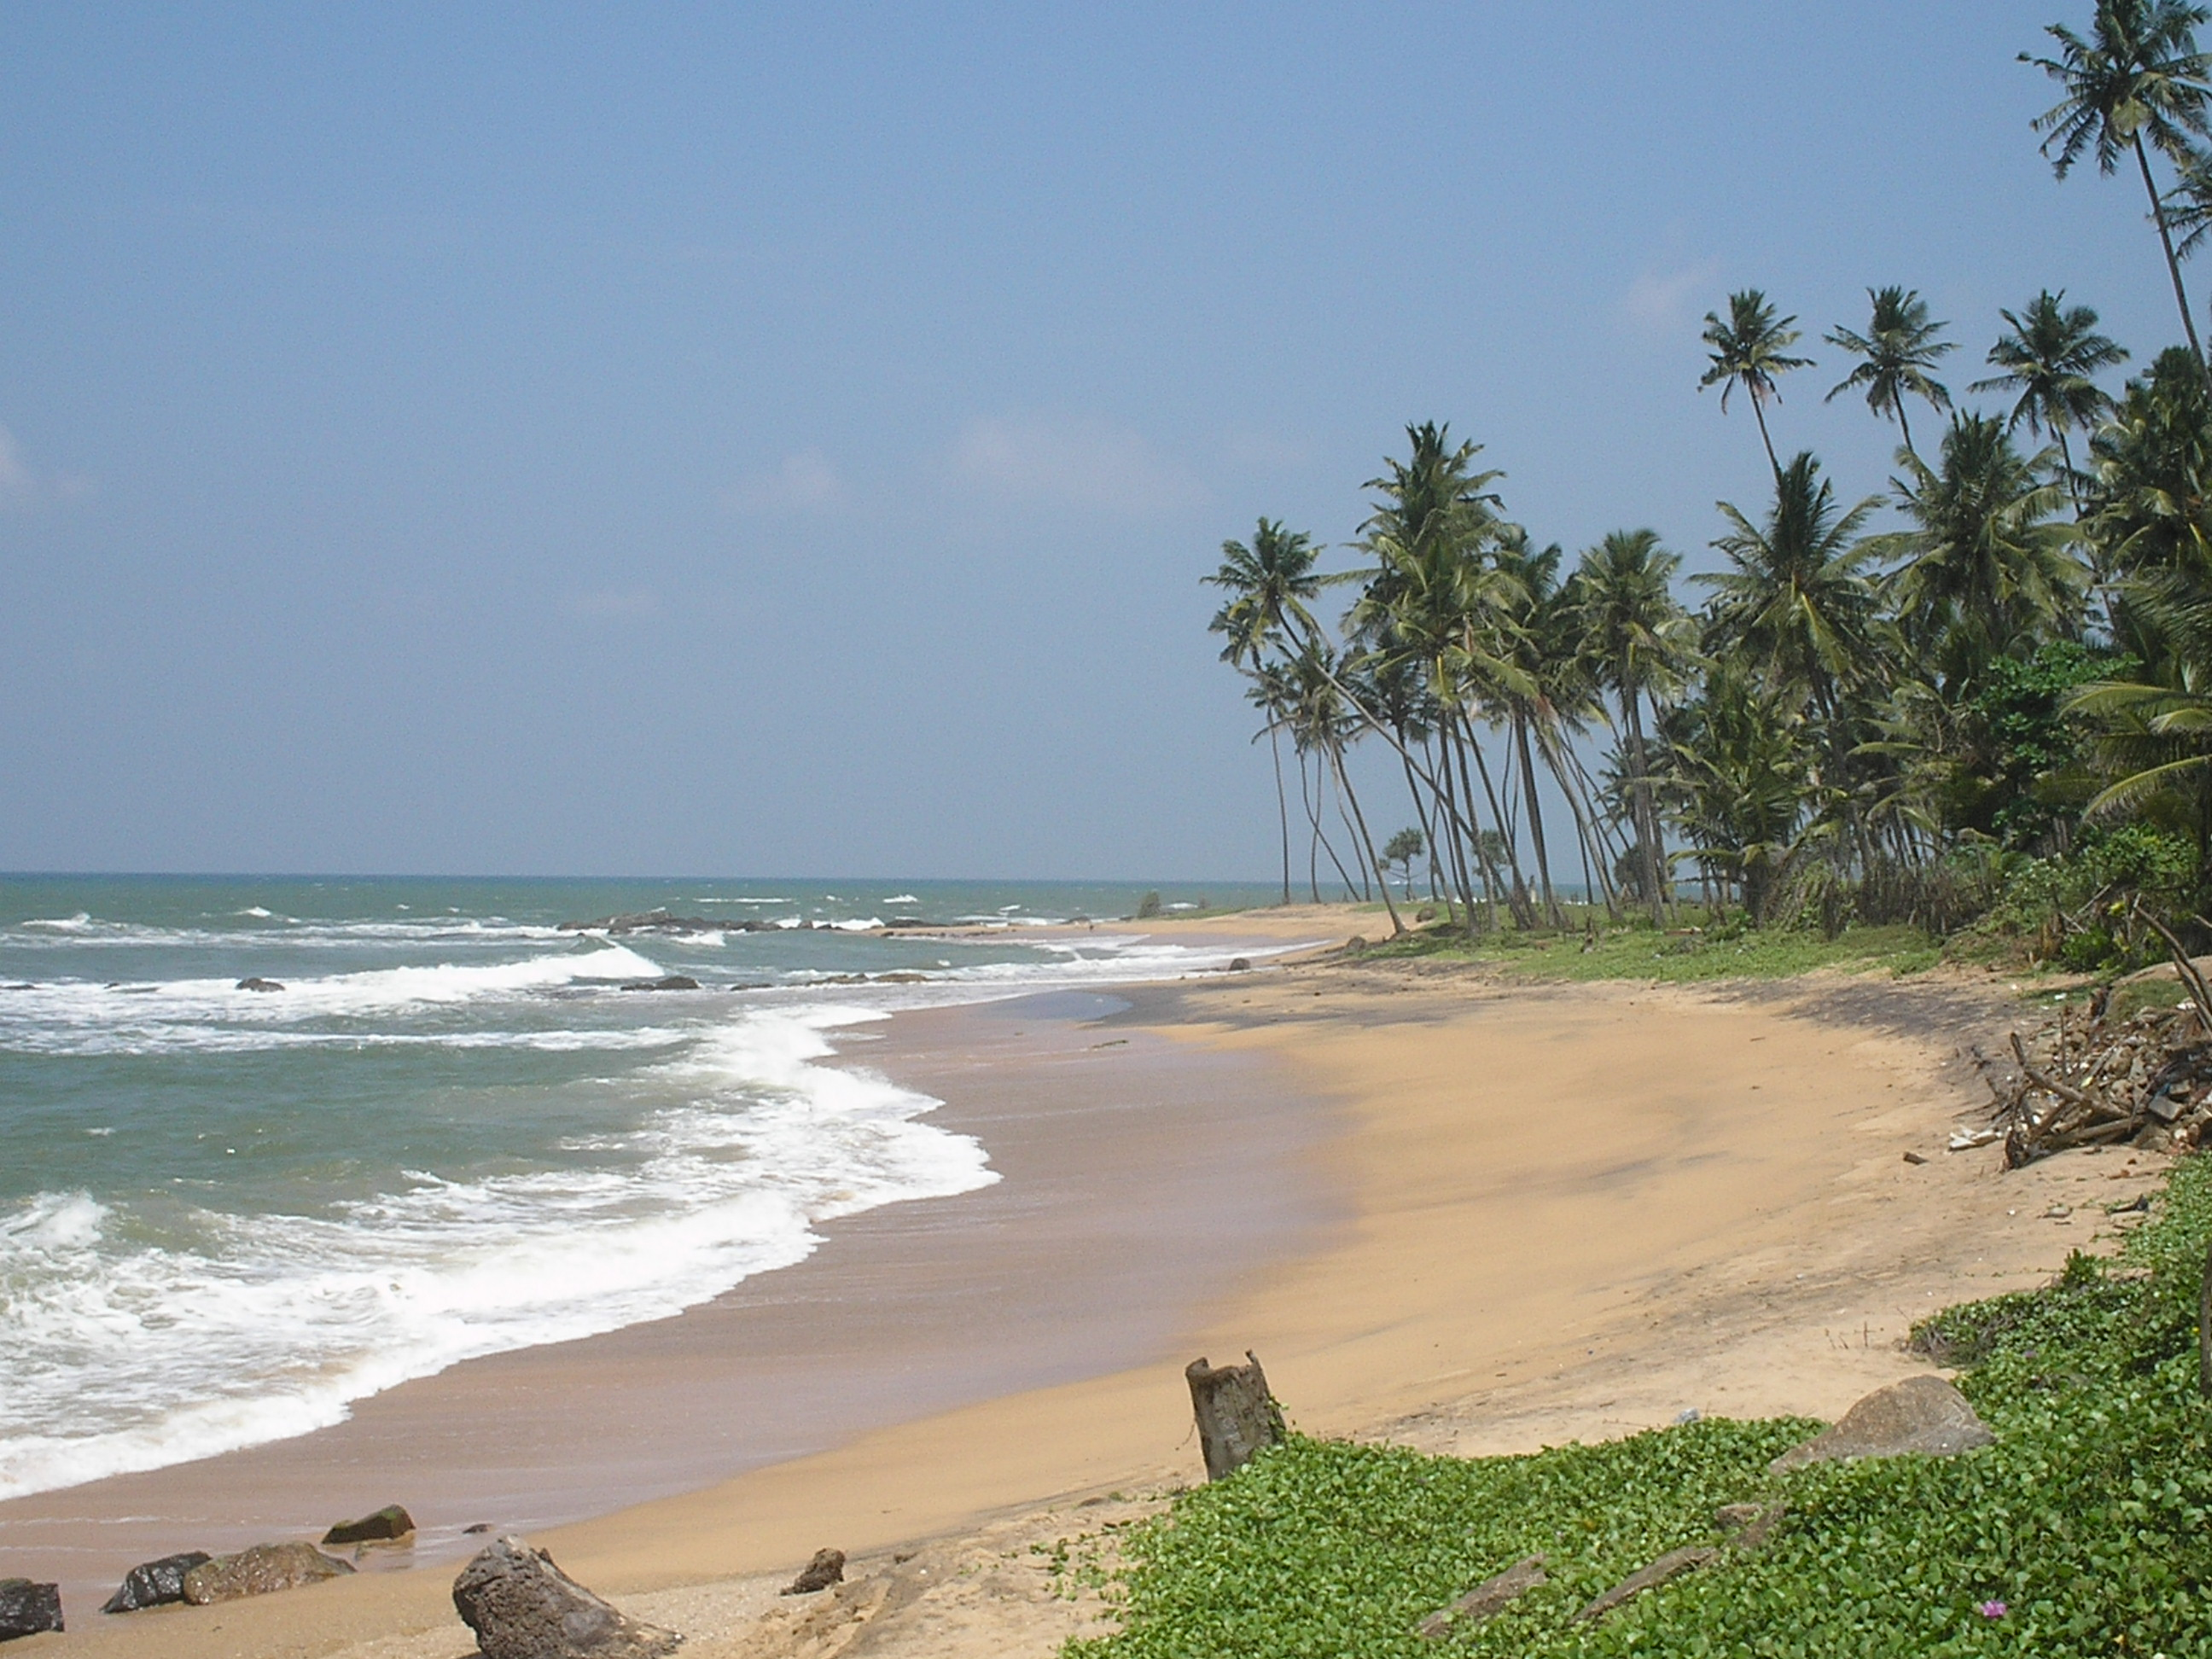 Prelijepa plaža